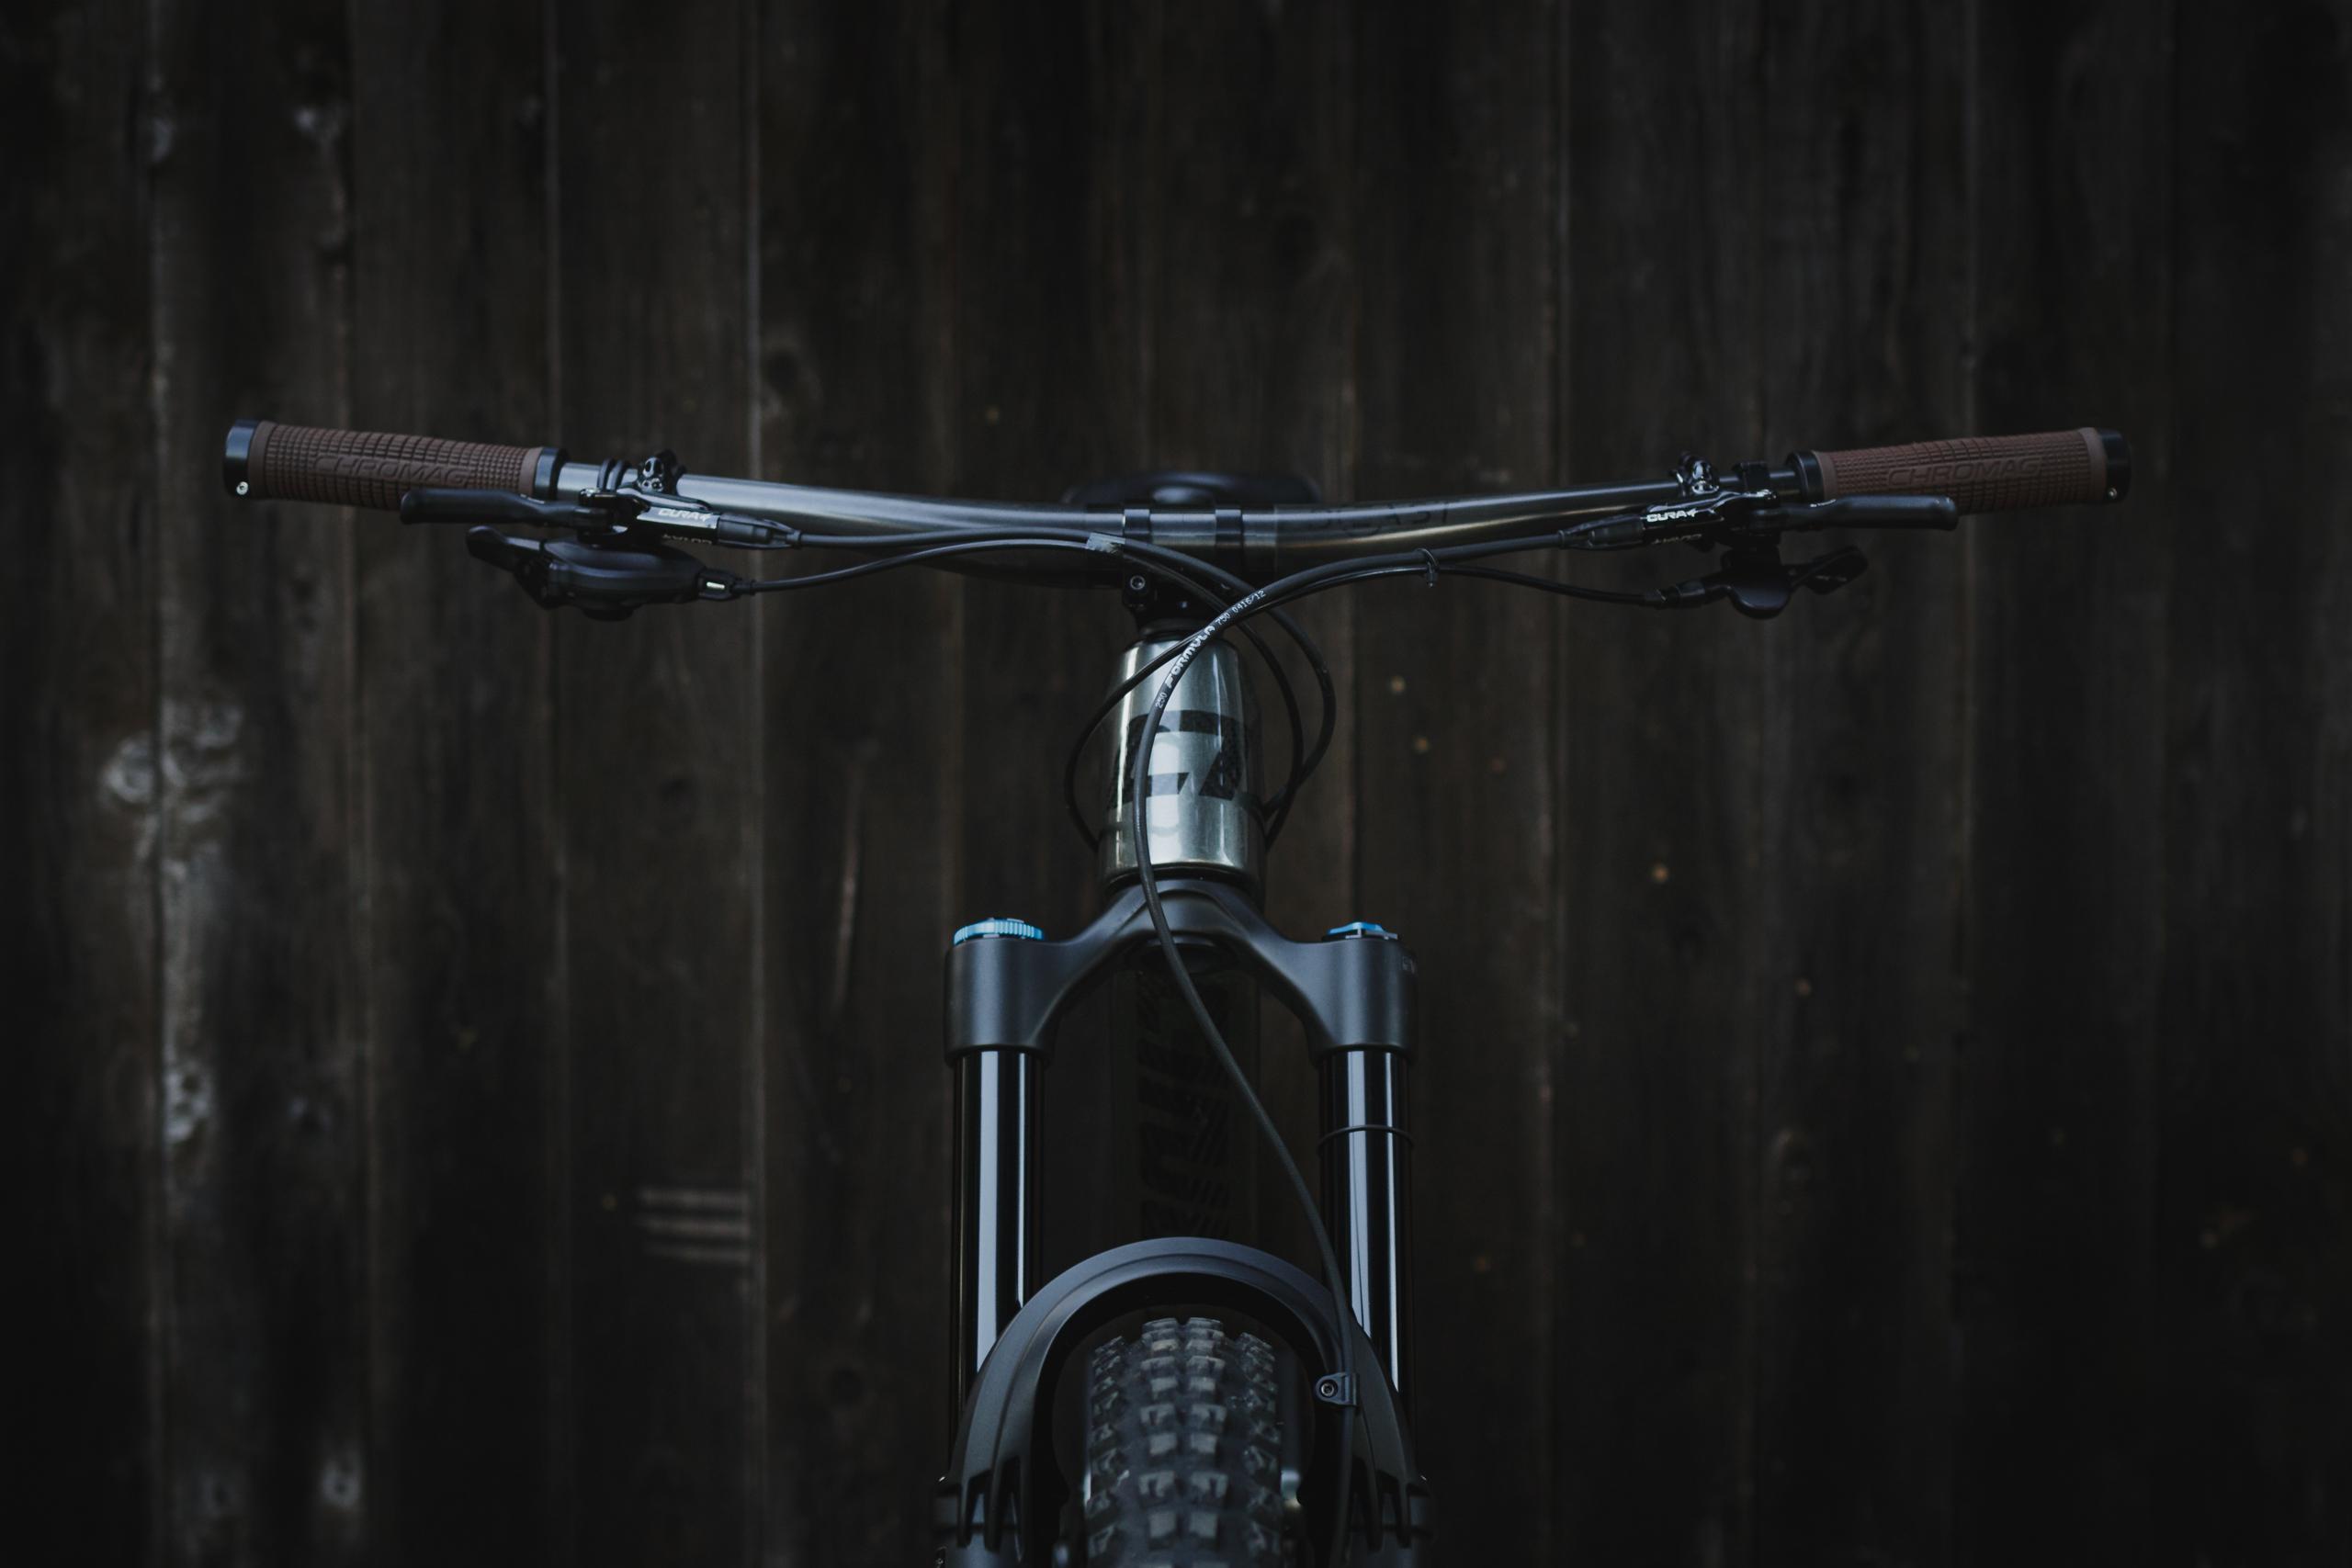 CJ 29 Bike Check Cockpit